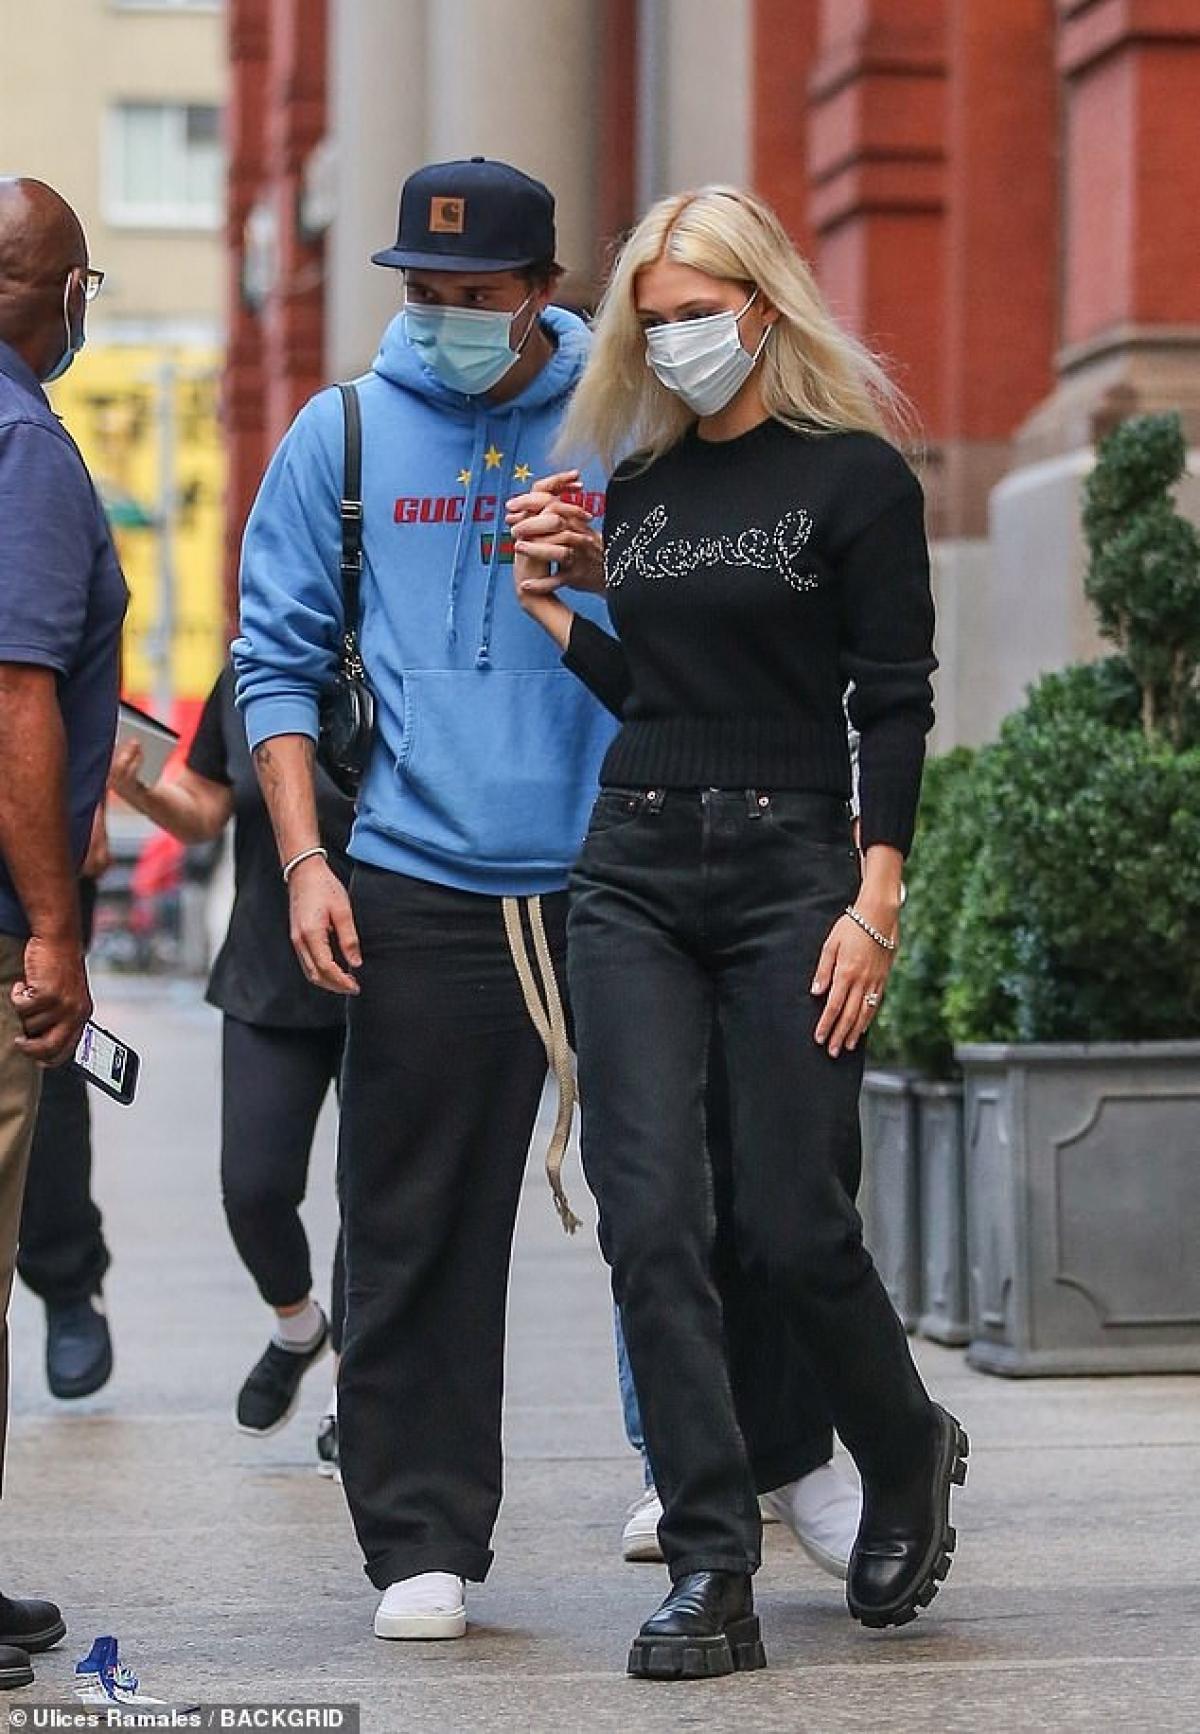 Ngày 12/7 vừa qua, Brooklyn Beckham chính thức xác nhận đính hôn với nữ diễn viên hơn 4 tuổi.